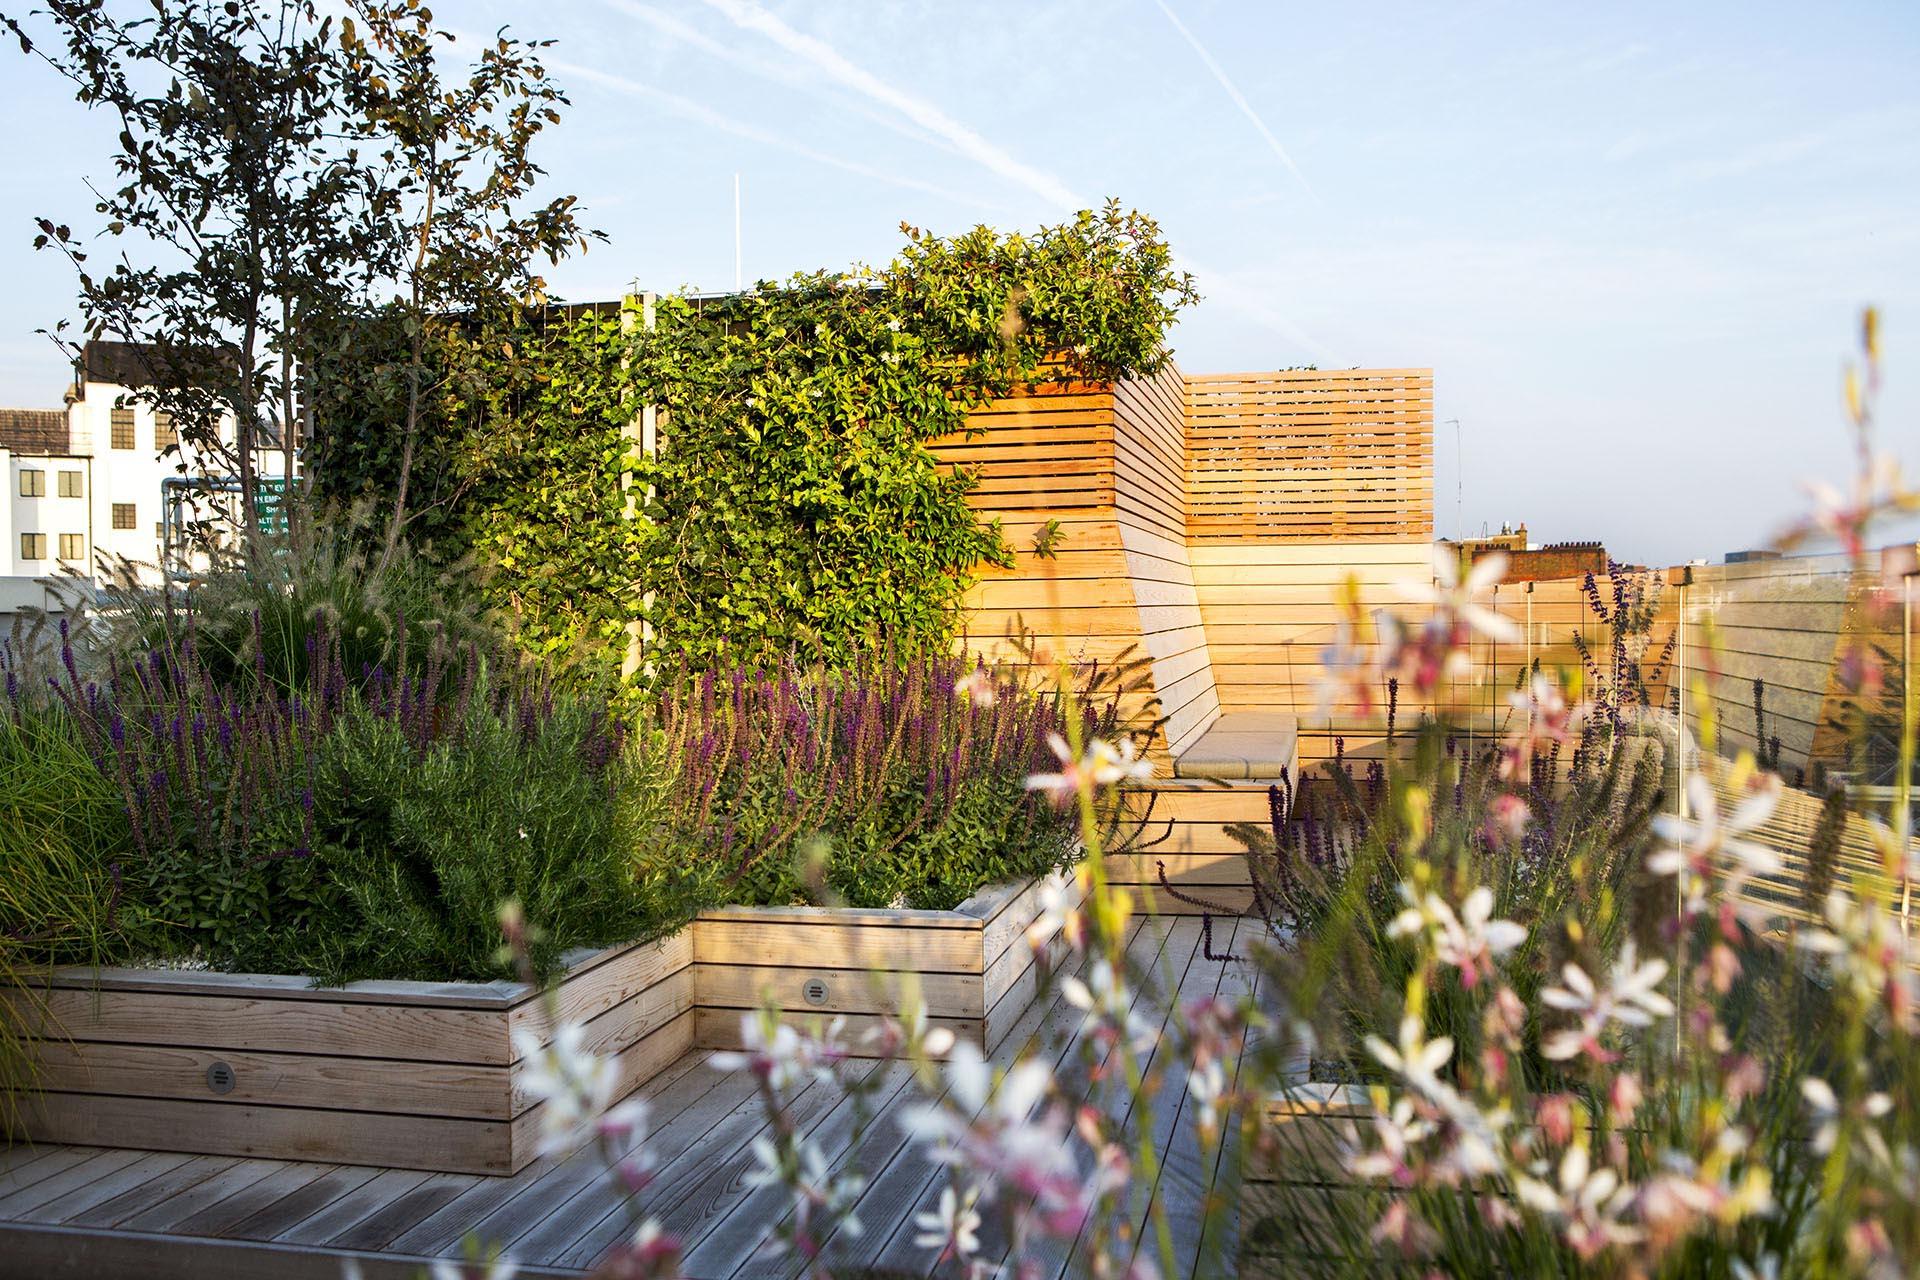 allsop place garden